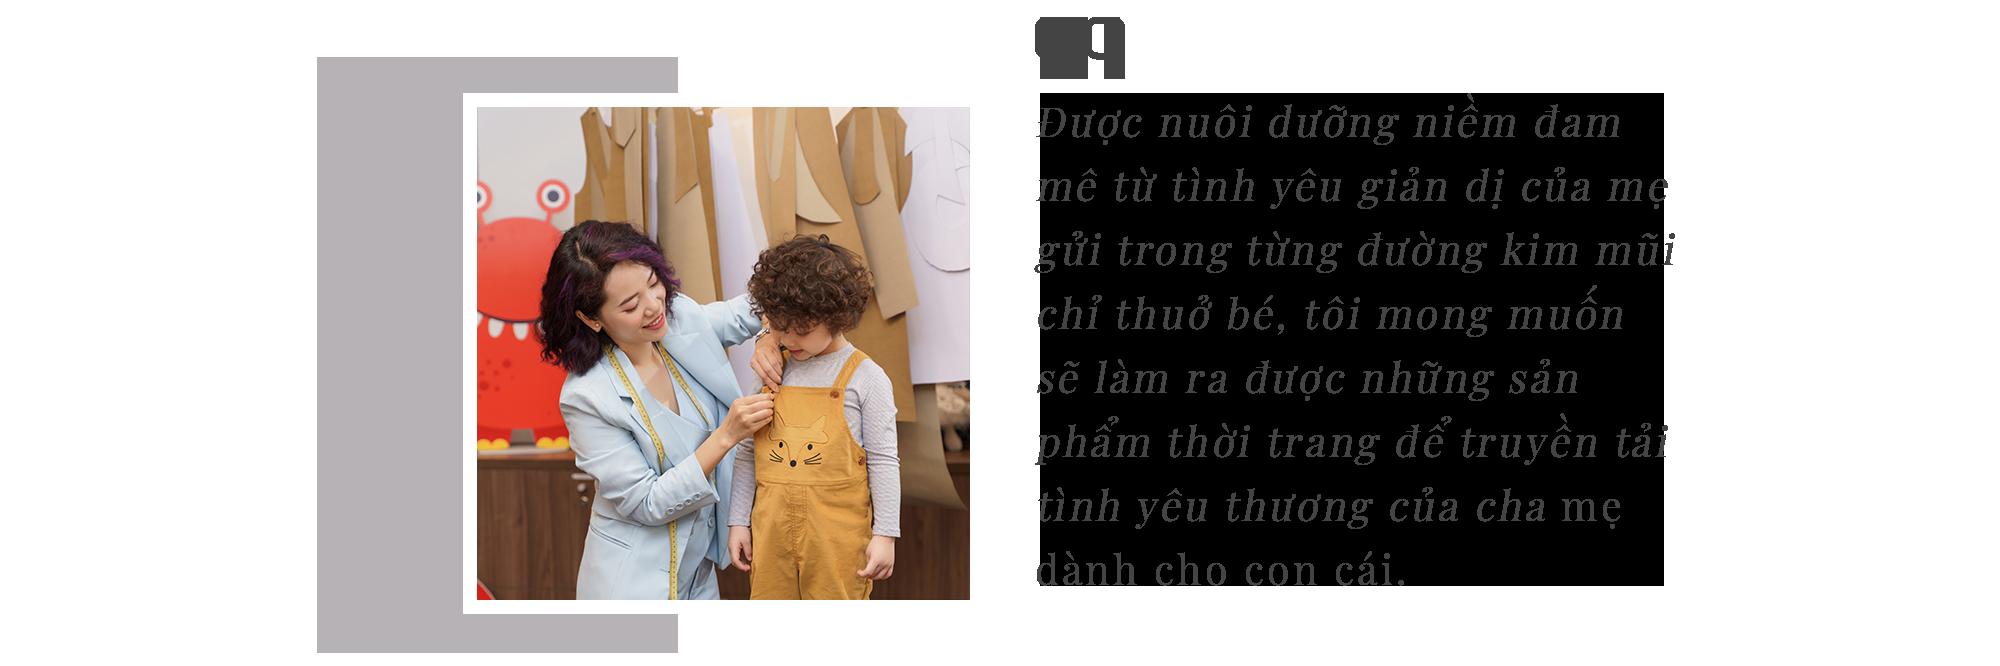 Ks Closet: Giấc mơ xây dựng thương hiệu thời trang trẻ em hàng đầu Việt Nam - 3